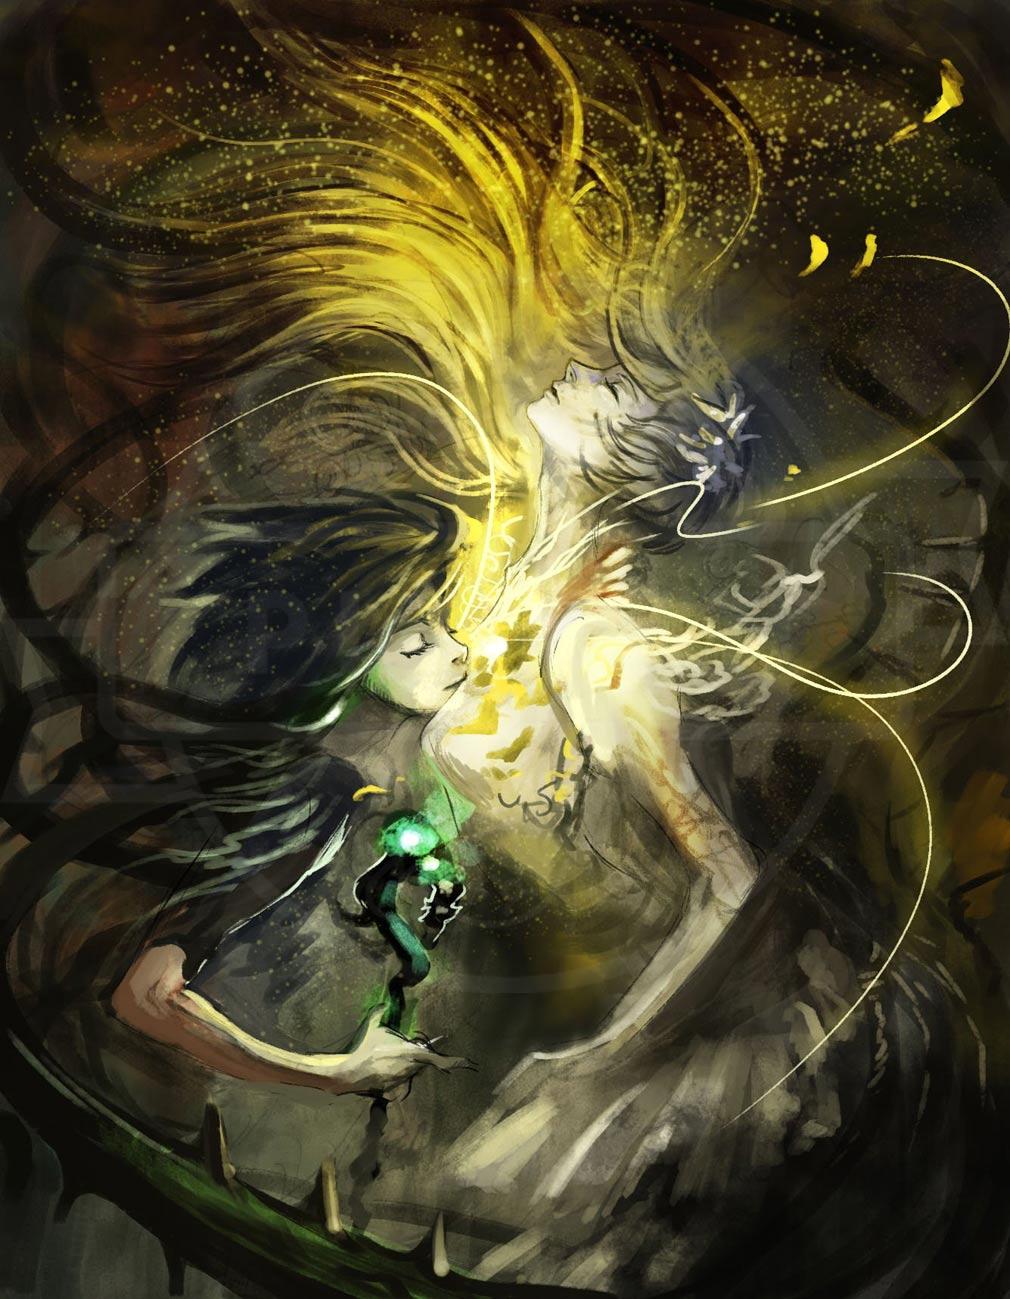 十三月のふたり姫 PC 物語アート『魔女と姫』イメージ